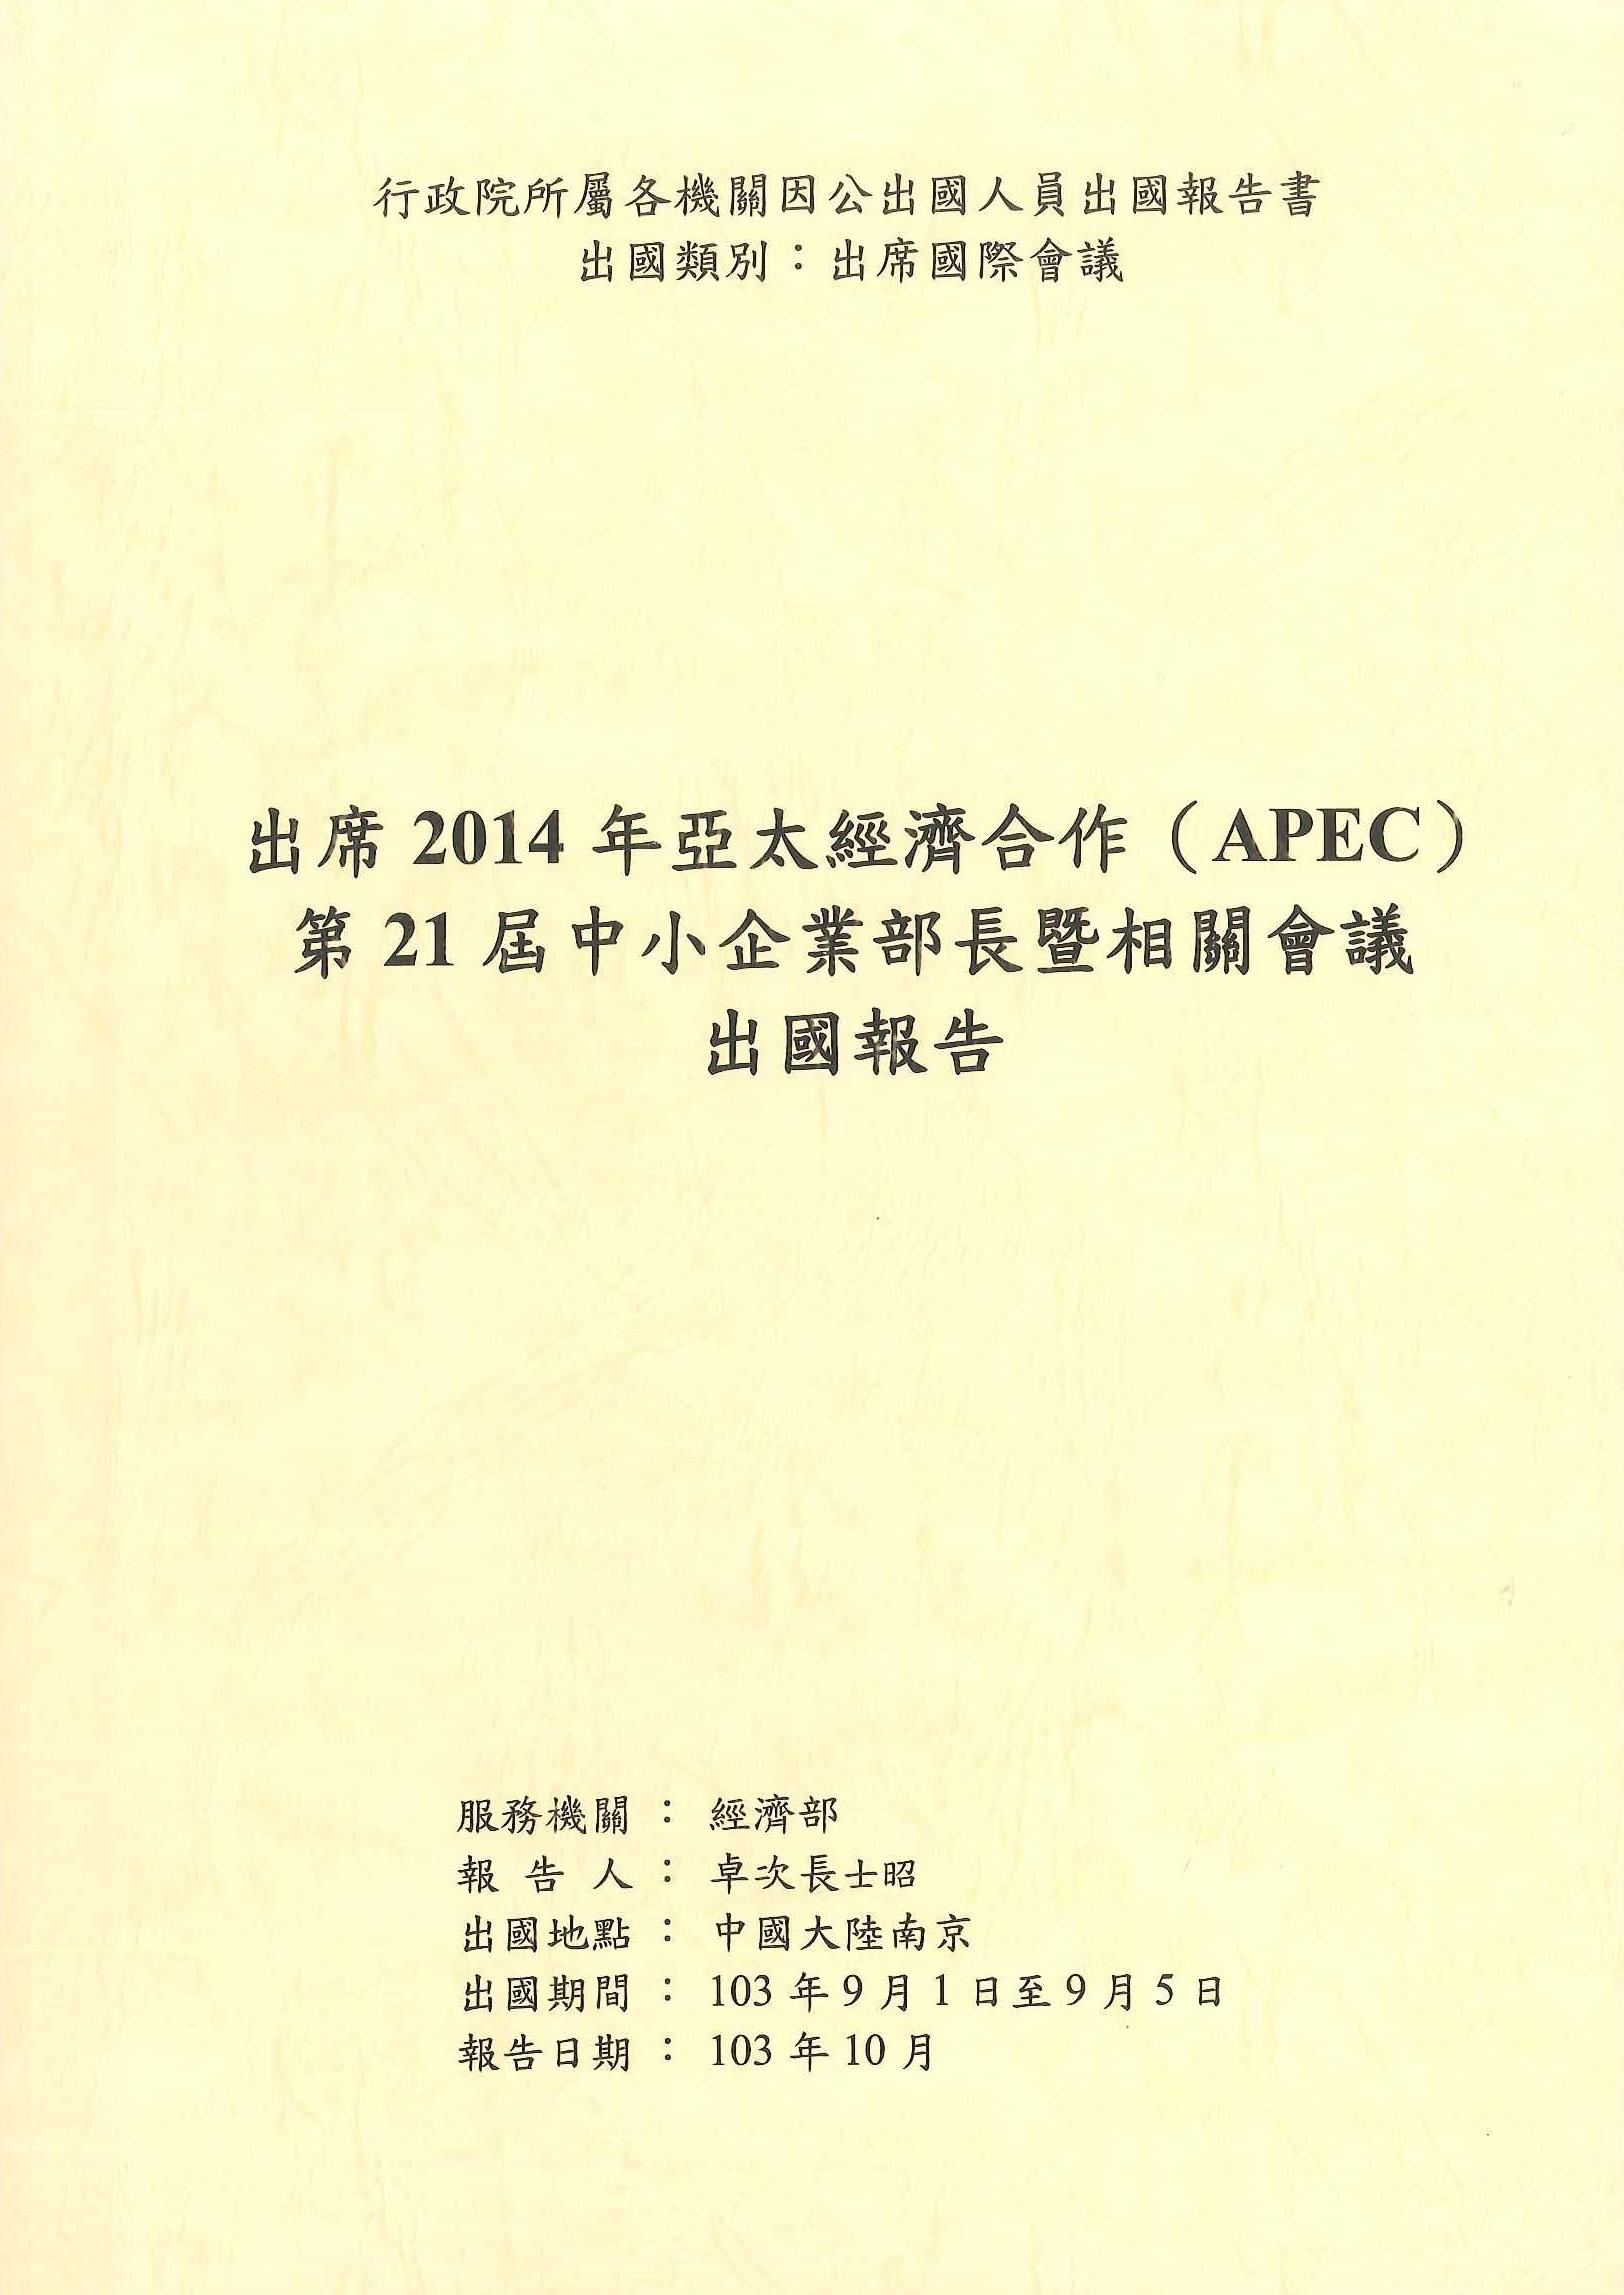 出席2014年亞太經濟合作(APEC)第21屆中小企業部長會議暨相關會議出國報告